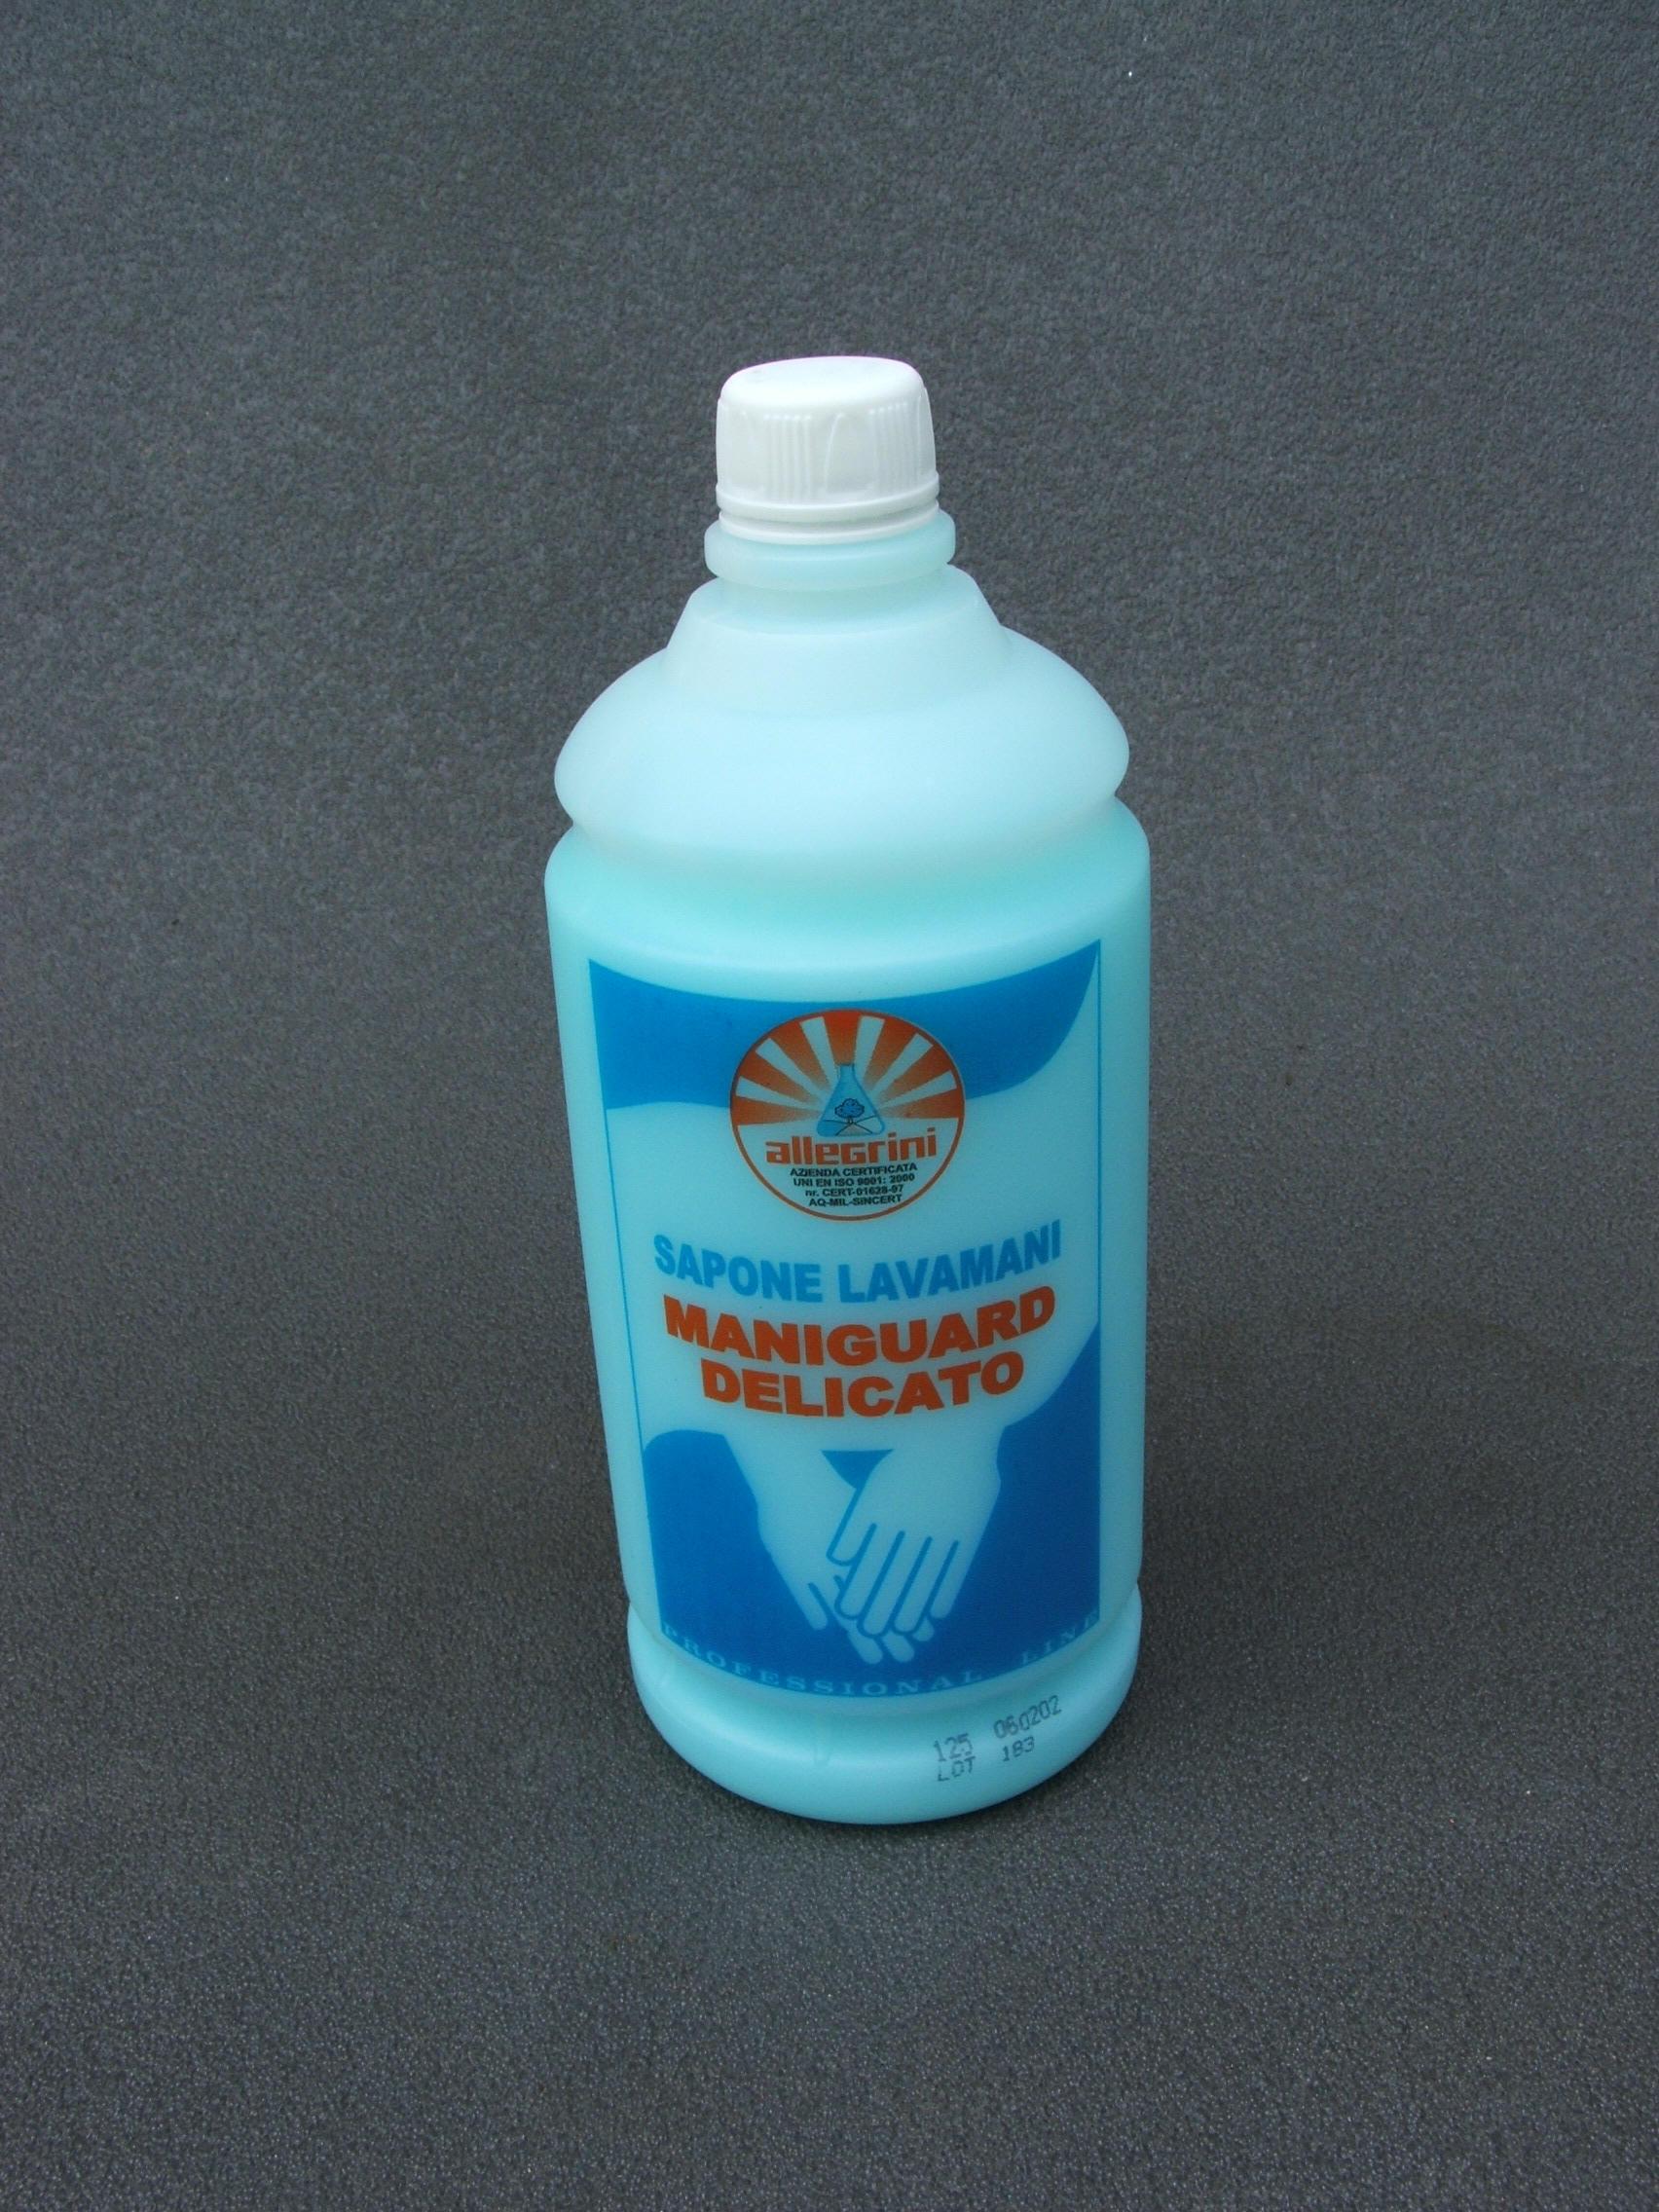 MANIGUARD DELICATO Detergente Liquido per le Mani a pH eudermico, formulato con Tensioattivi Pregiati, molto Delicati per la Pelle 1lt